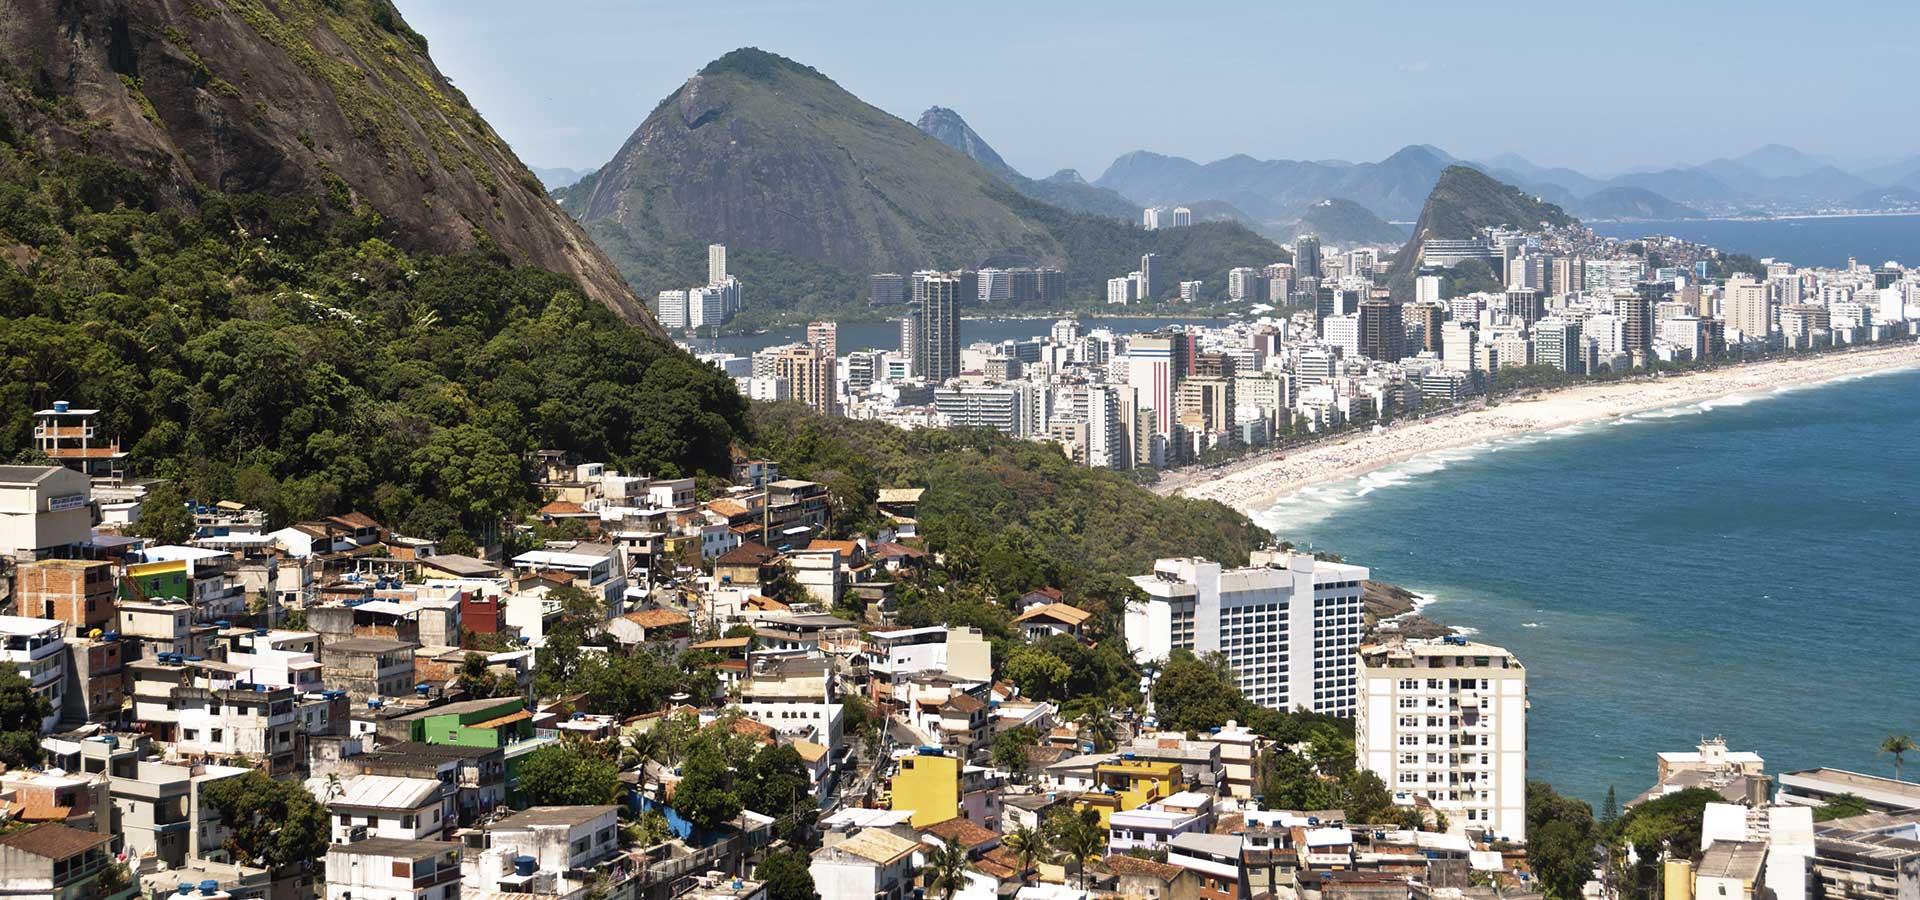 Anécdotas sobre Rio De Janeiro - CIUDAD INTELIGENTE - Mercure Local Stories